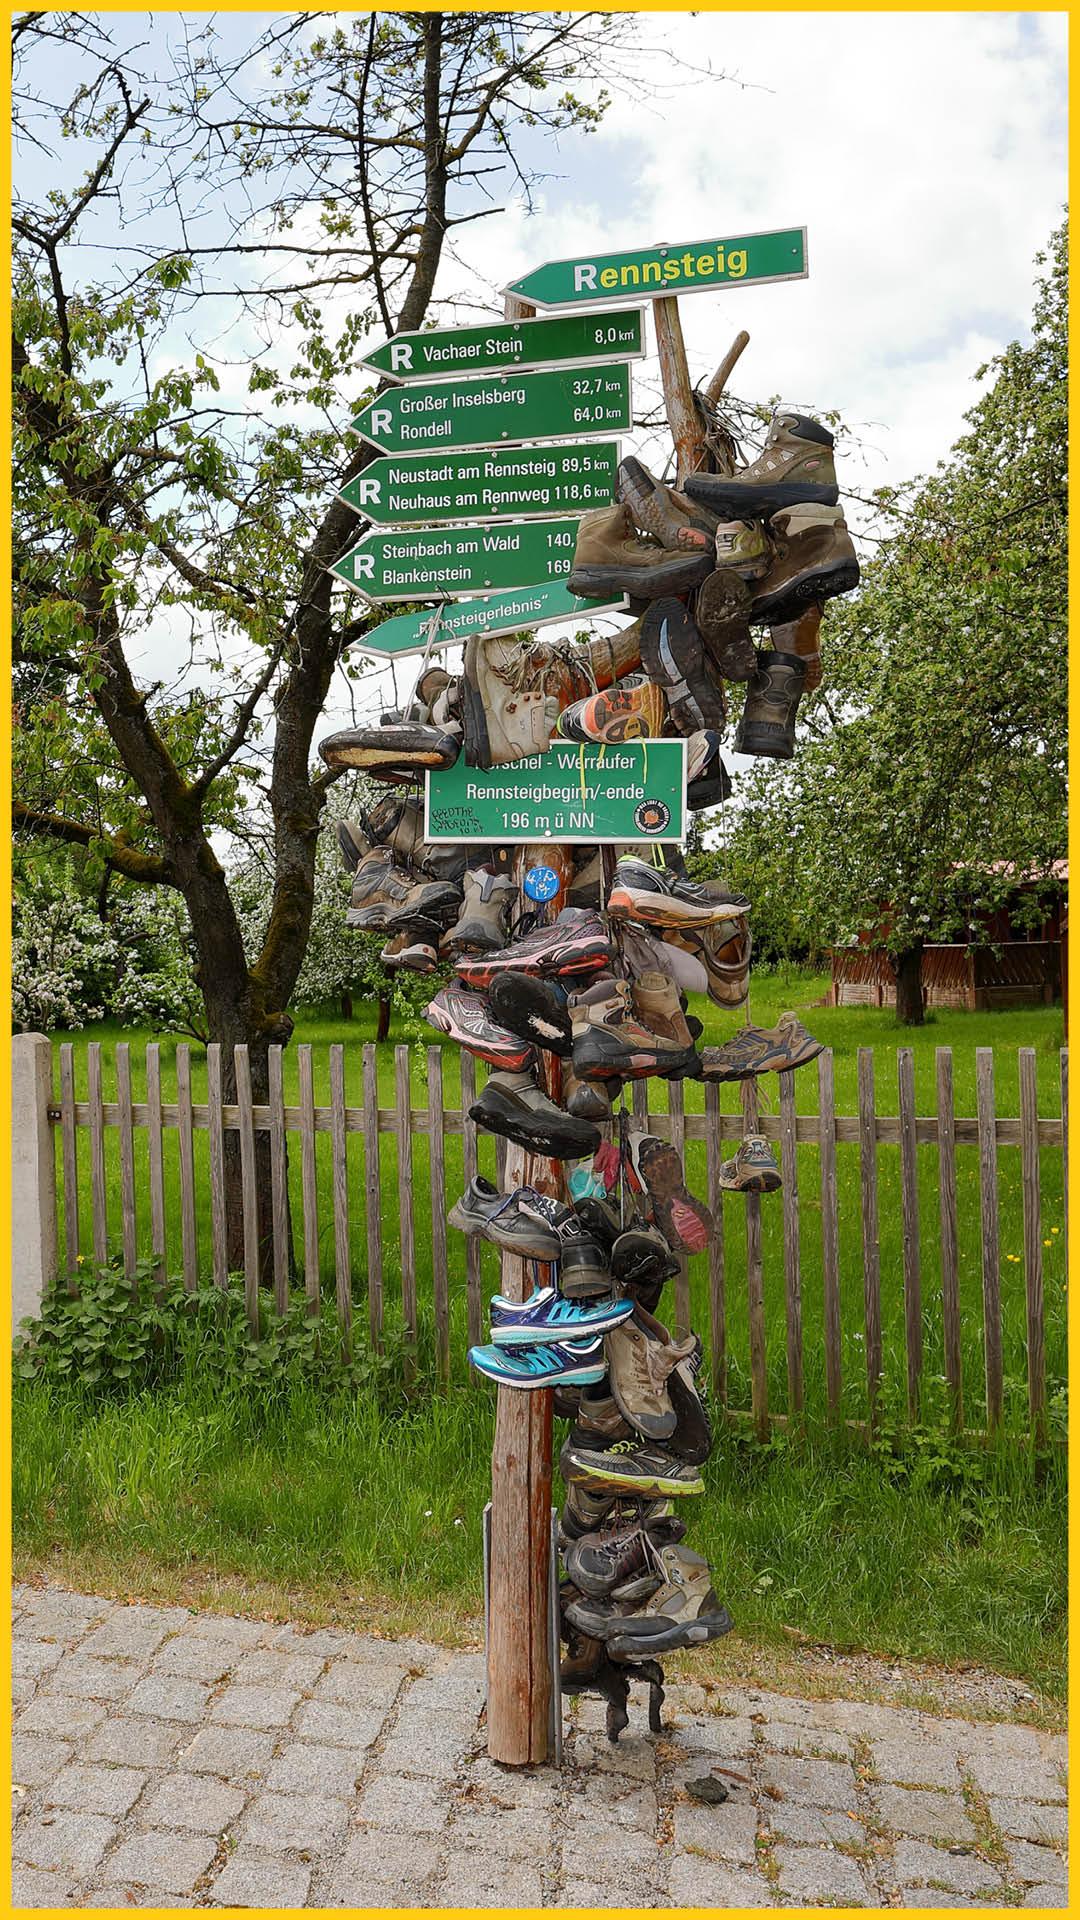 Hinweisschilder am Rennsteig in Hörschel, auf dem viele Schuhe gehängt werden auf den Rennsteig Radweg durchgeführt von Werra Bikes